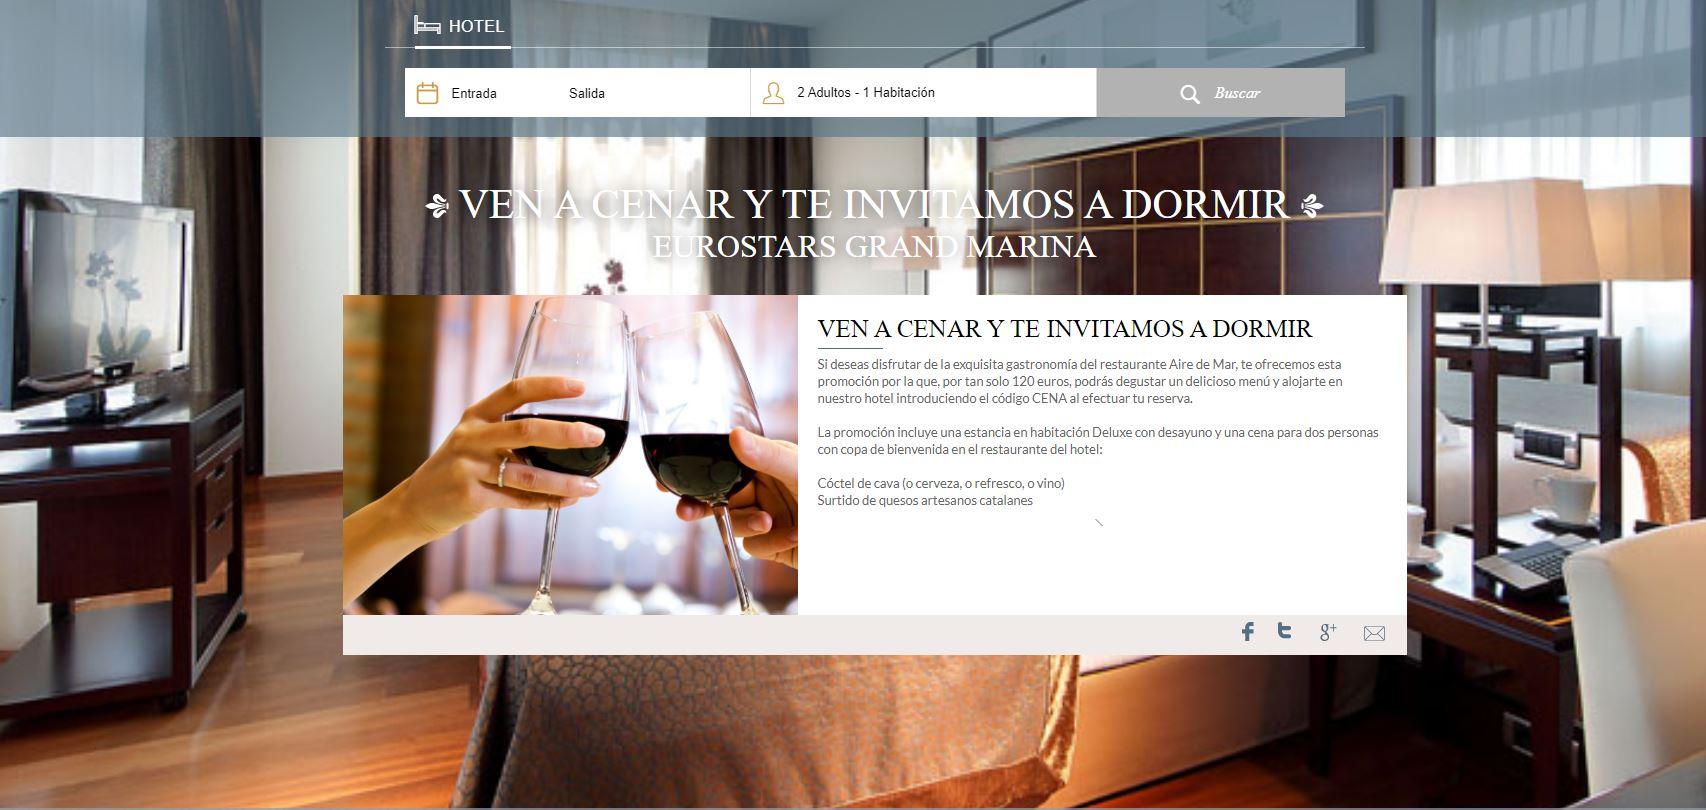 Oferta ven a cenar y te invitamos a dormir Hotel Grand Marina Barcelona